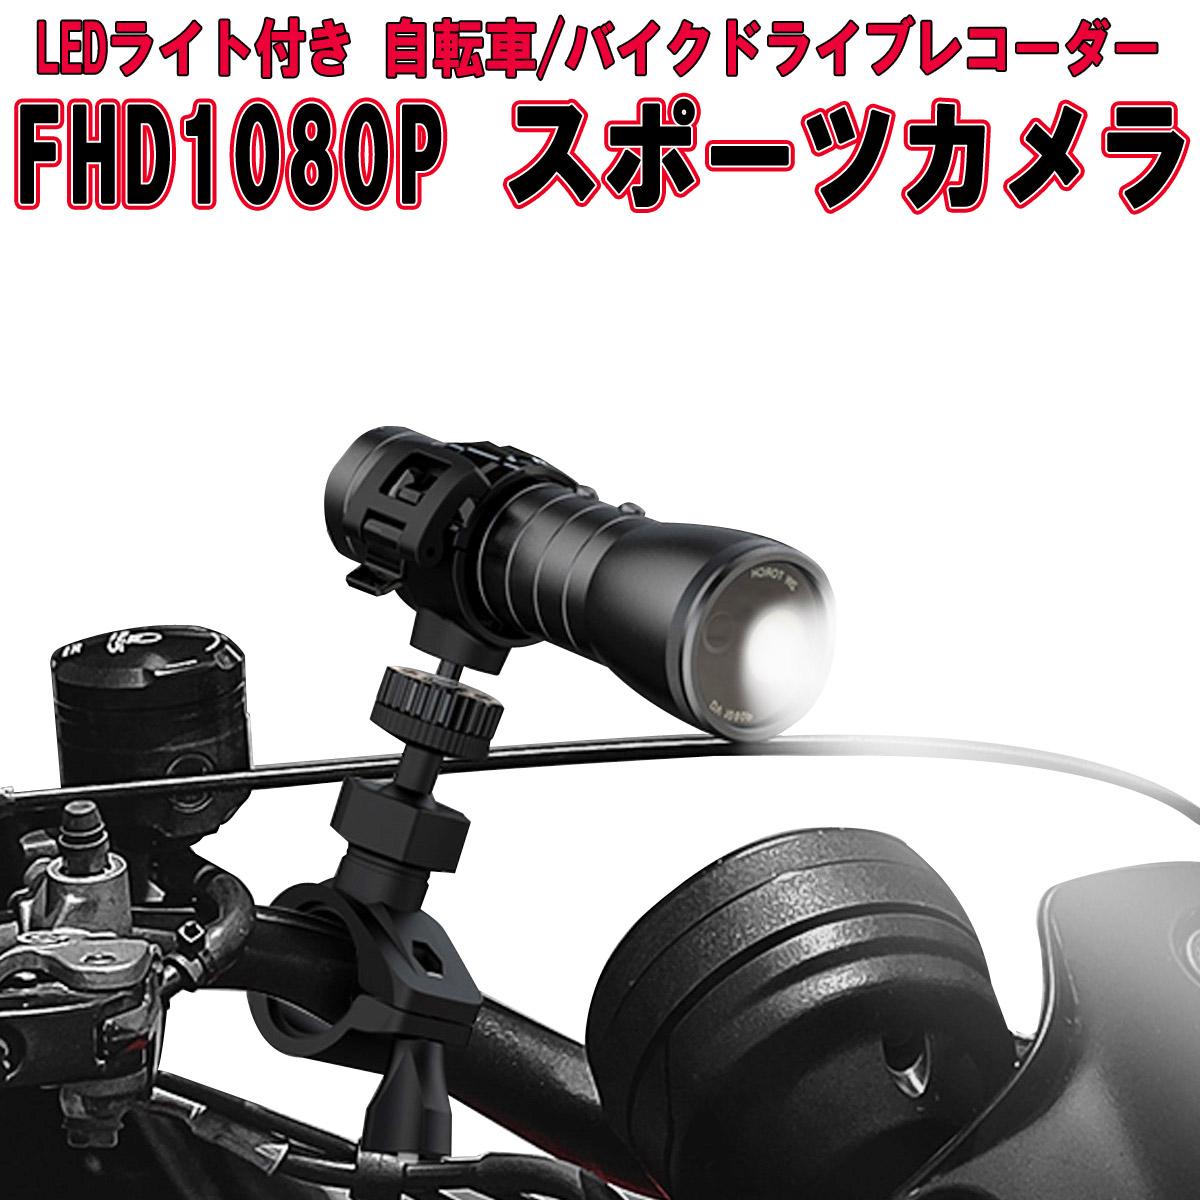 ドライブレコーダー懐中電灯式 LEDライト付き 200万画素 自転車 バイク スポーツカメラ マルチ機能カメラ高速撮影対応 事故やトラブルの証拠映像に リアルタイム 登山、スキー、サイクリング、スカイダイビング、ダイビング、釣り、狩猟 宅配便送料無料 1ヶ月保証